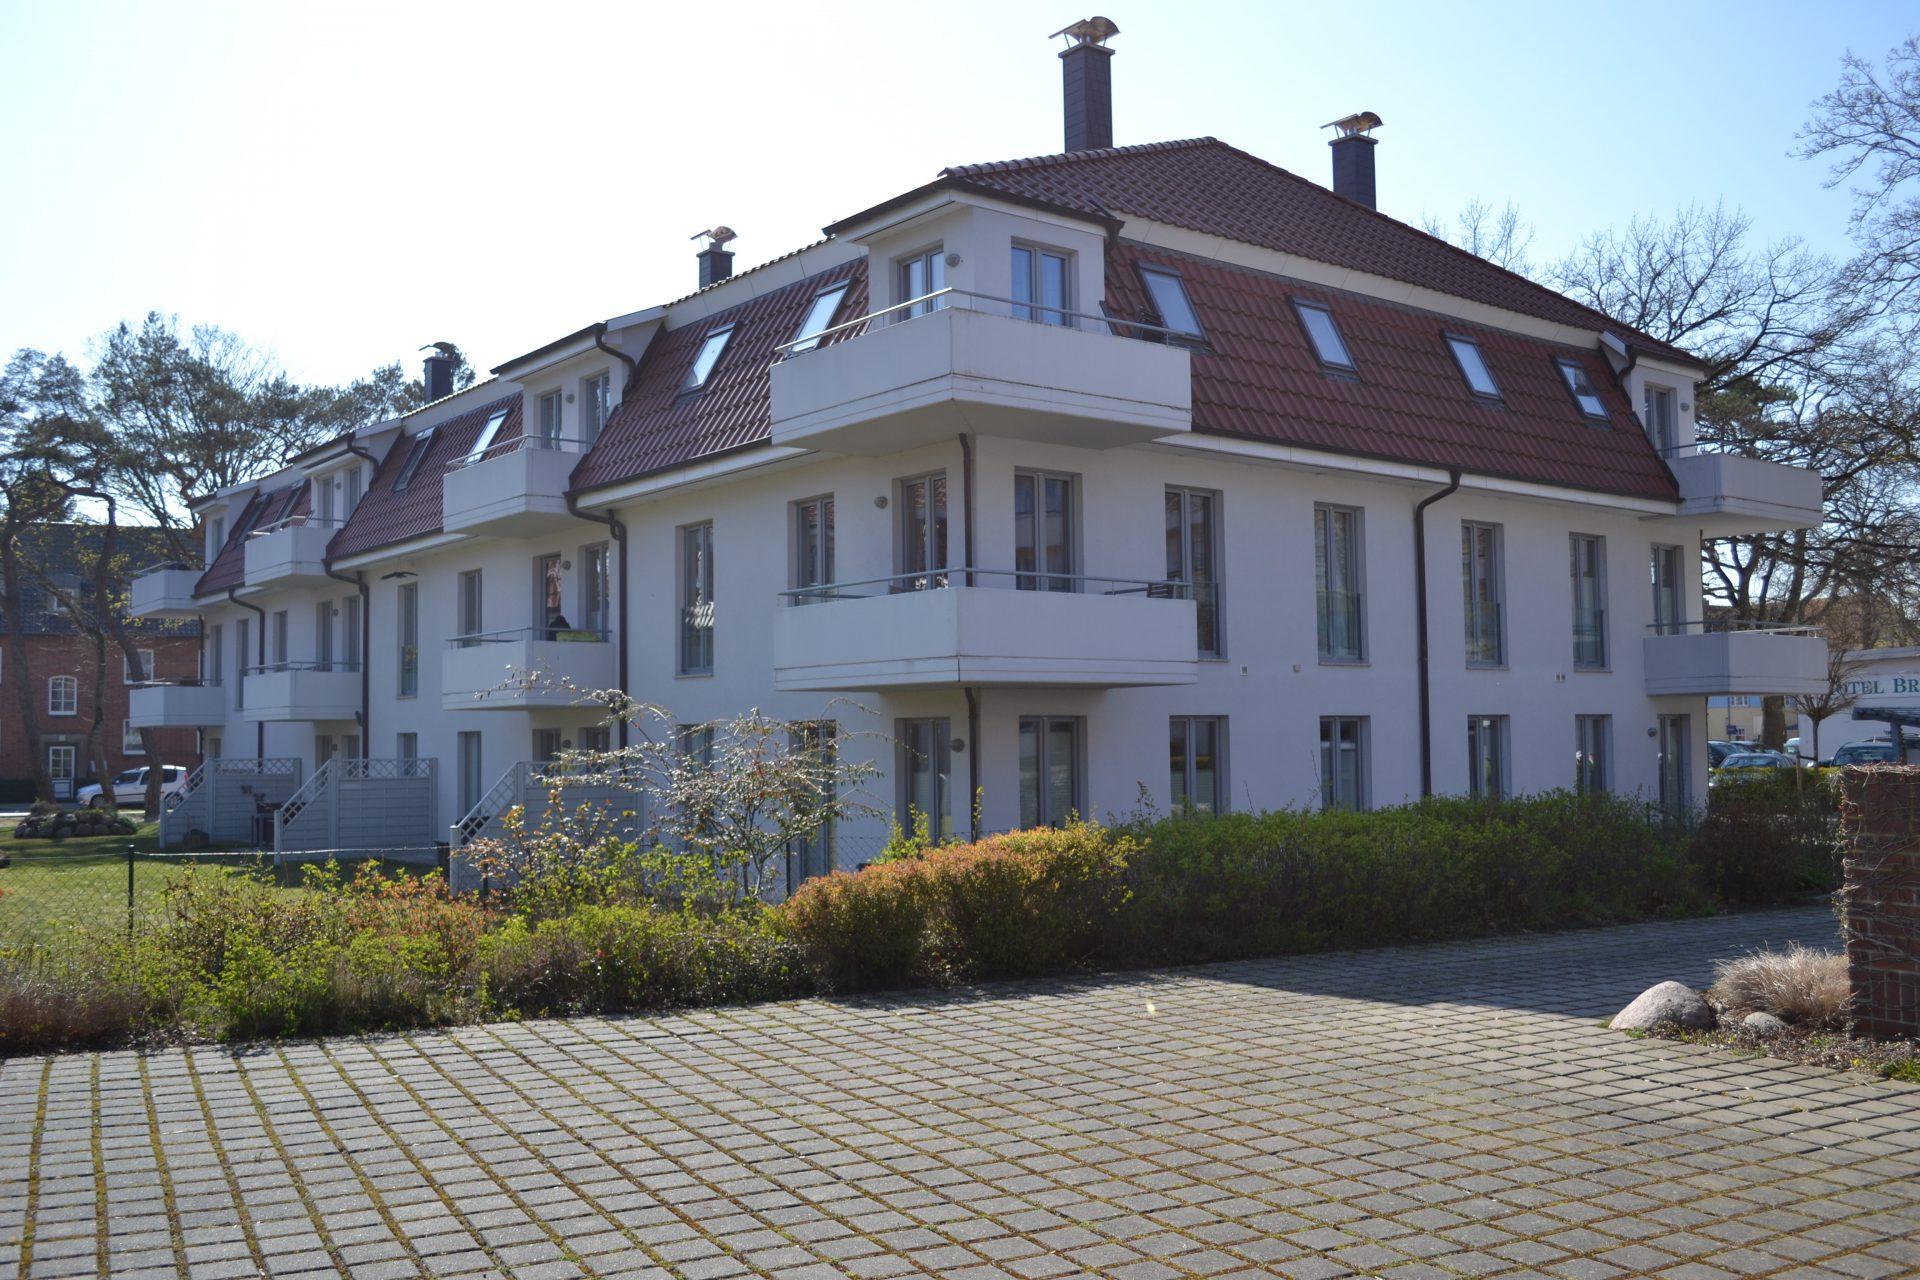 Wohn- und Geschäftshaus Boltenhagen